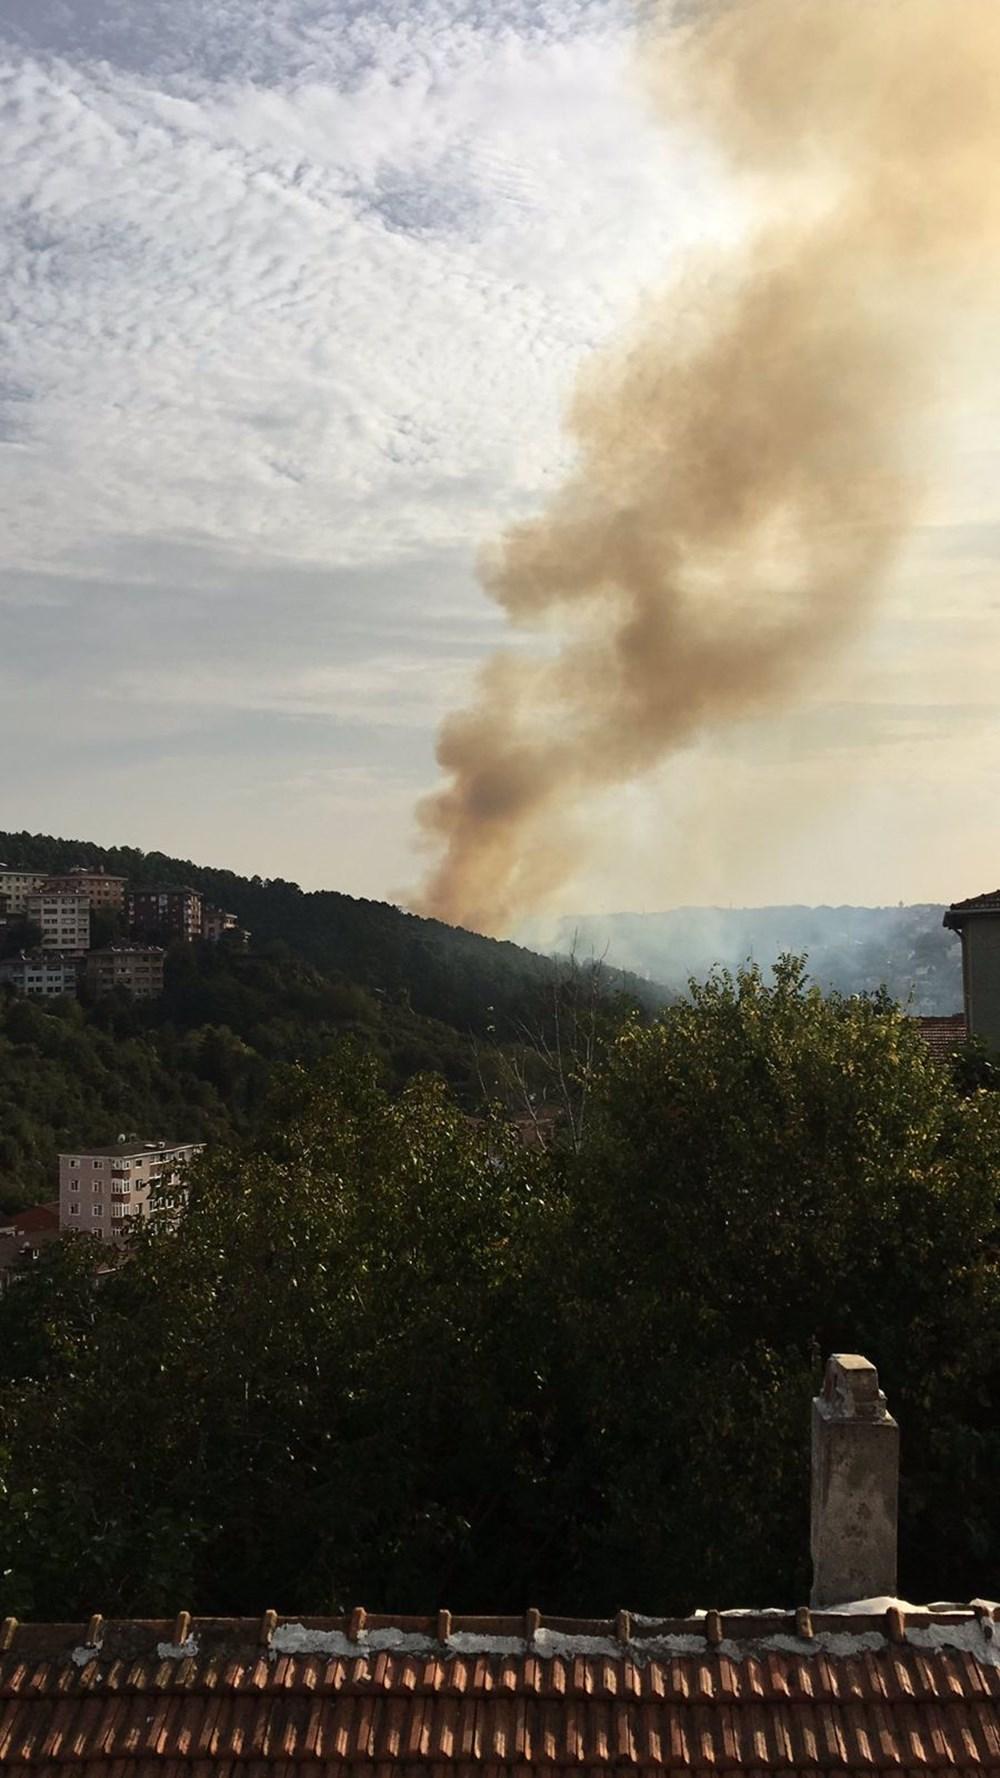 Son Dakika: Anadolu Hisarı'nda orman yangını - 2